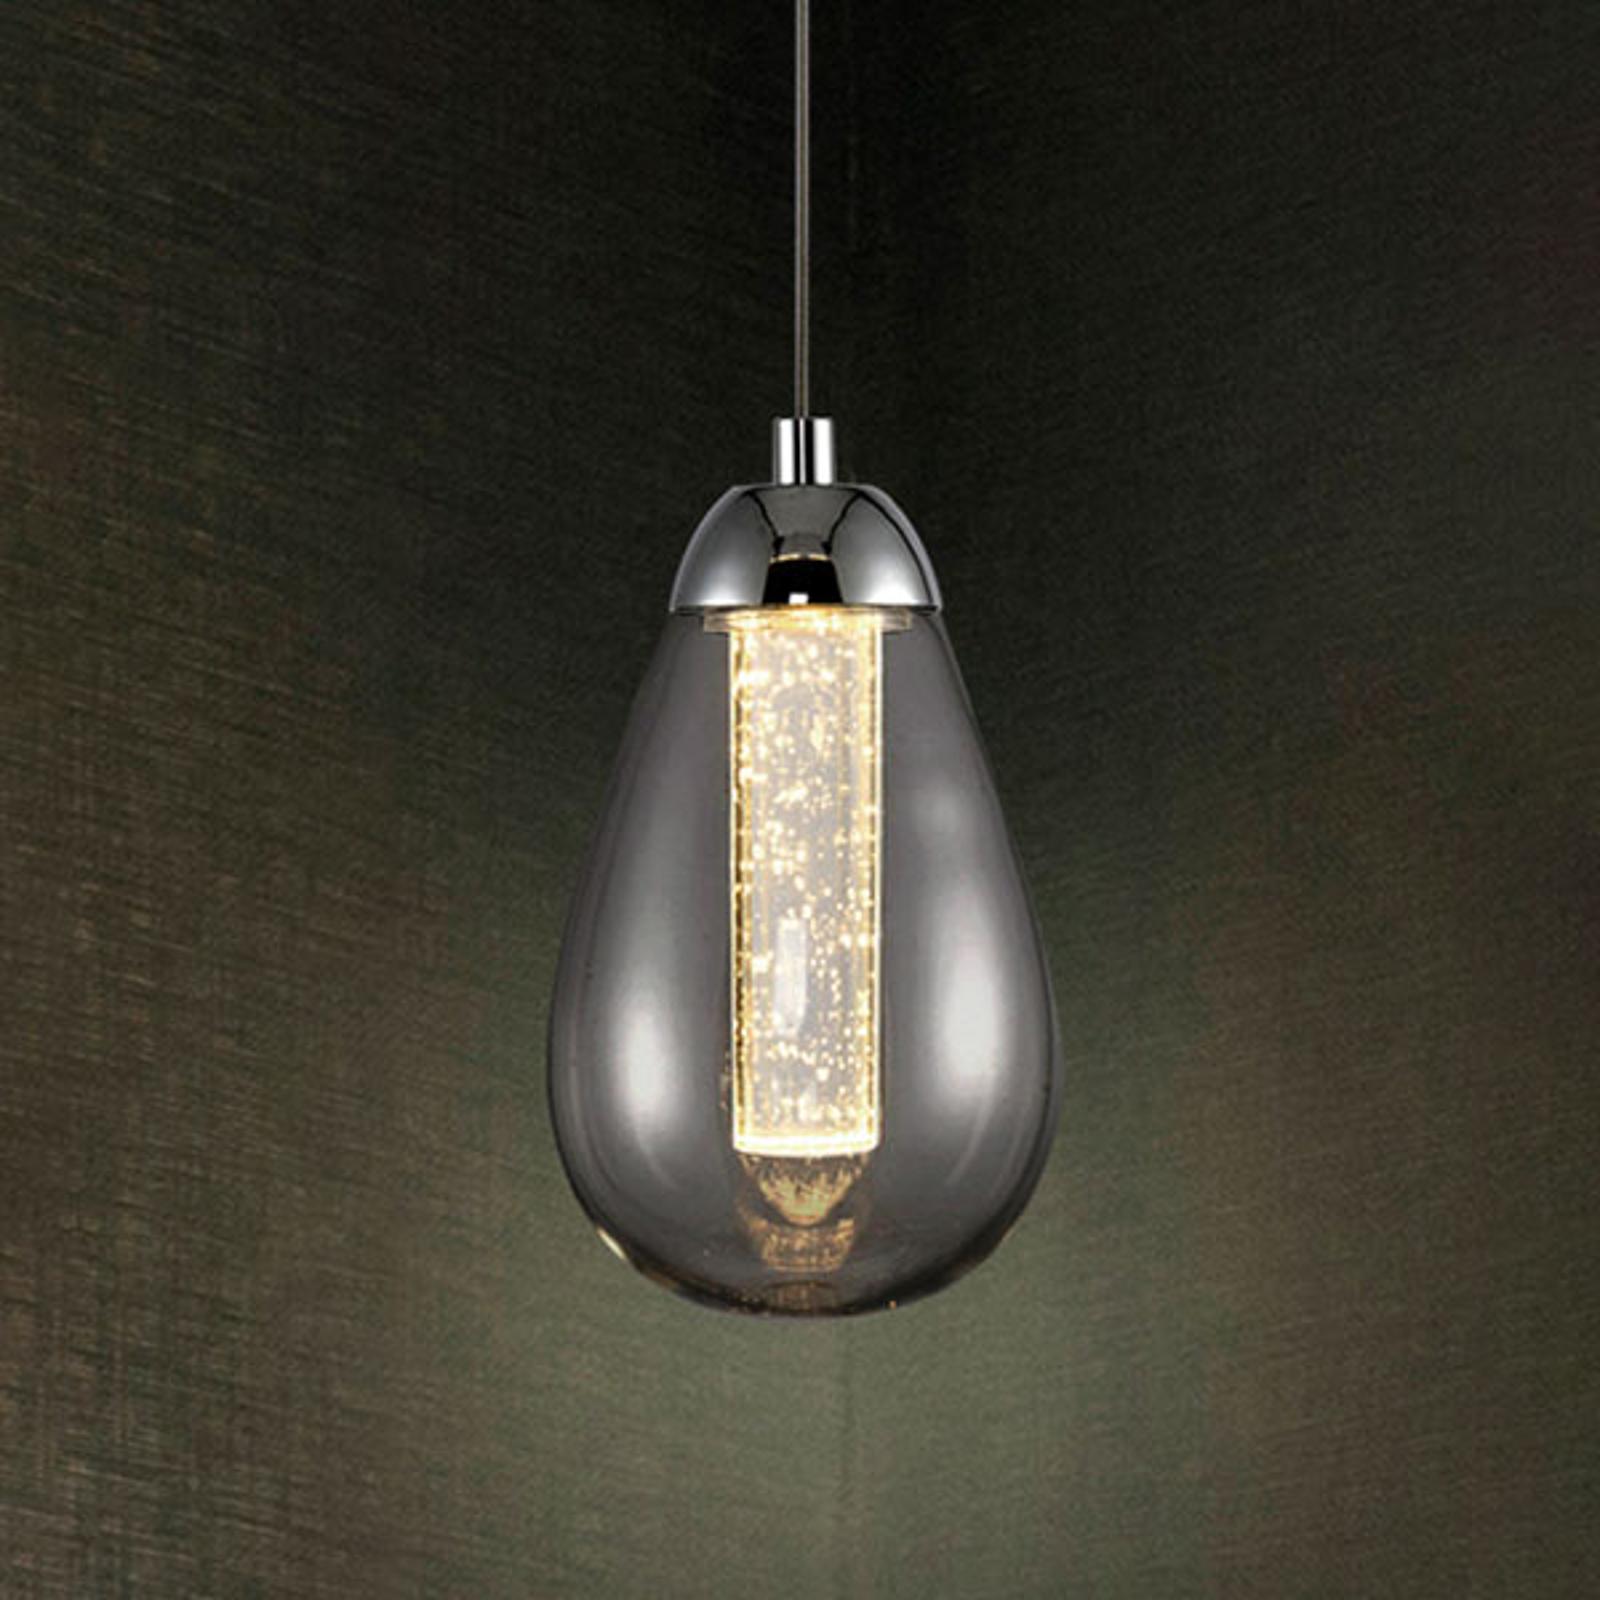 LED-riippuvalaisin Taccia, 1-lamppuinen